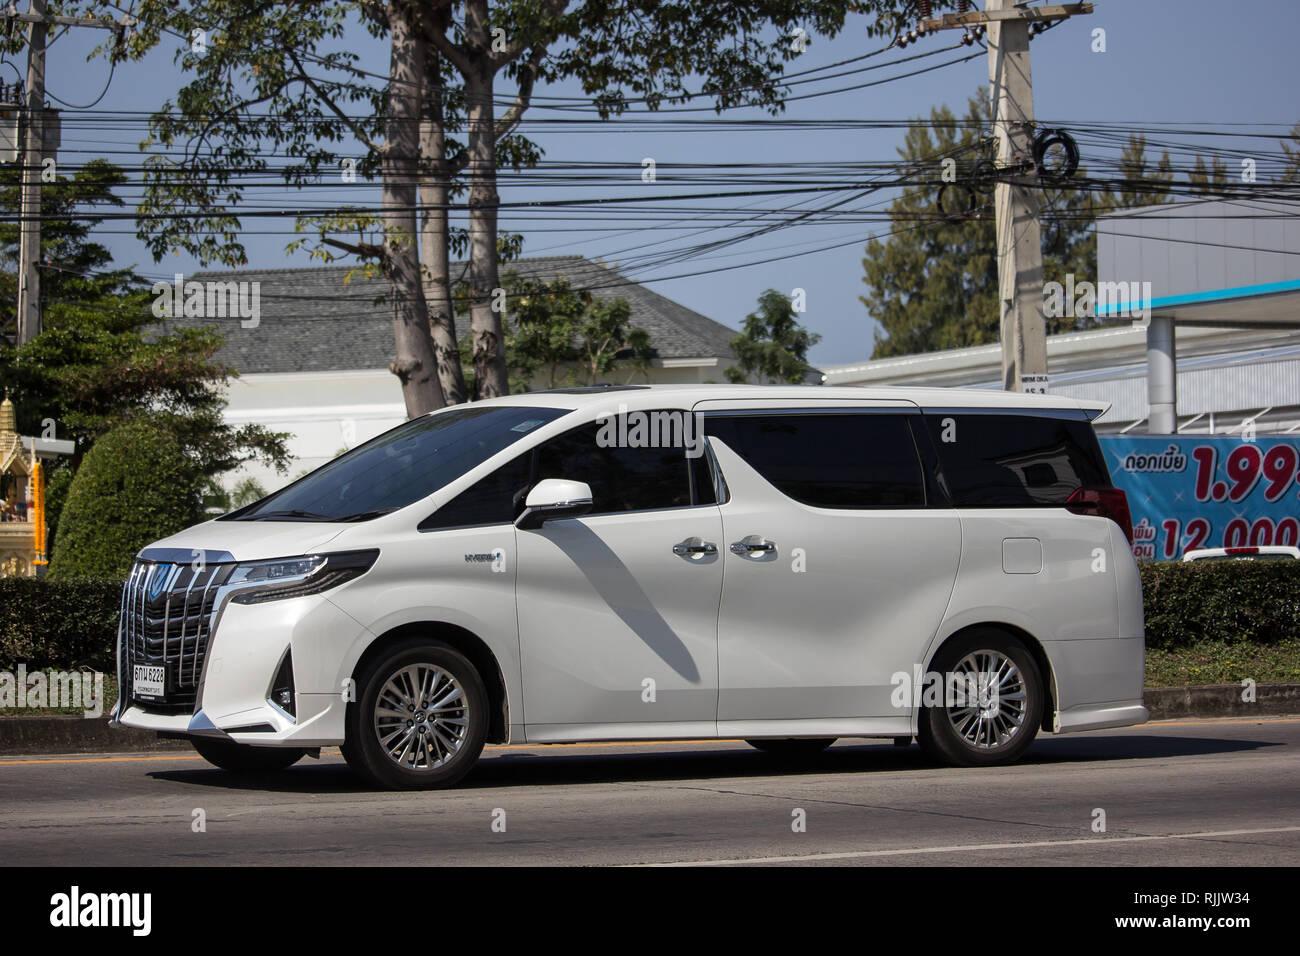 Kelebihan Toyota Alphard 2019 Top Model Tahun Ini